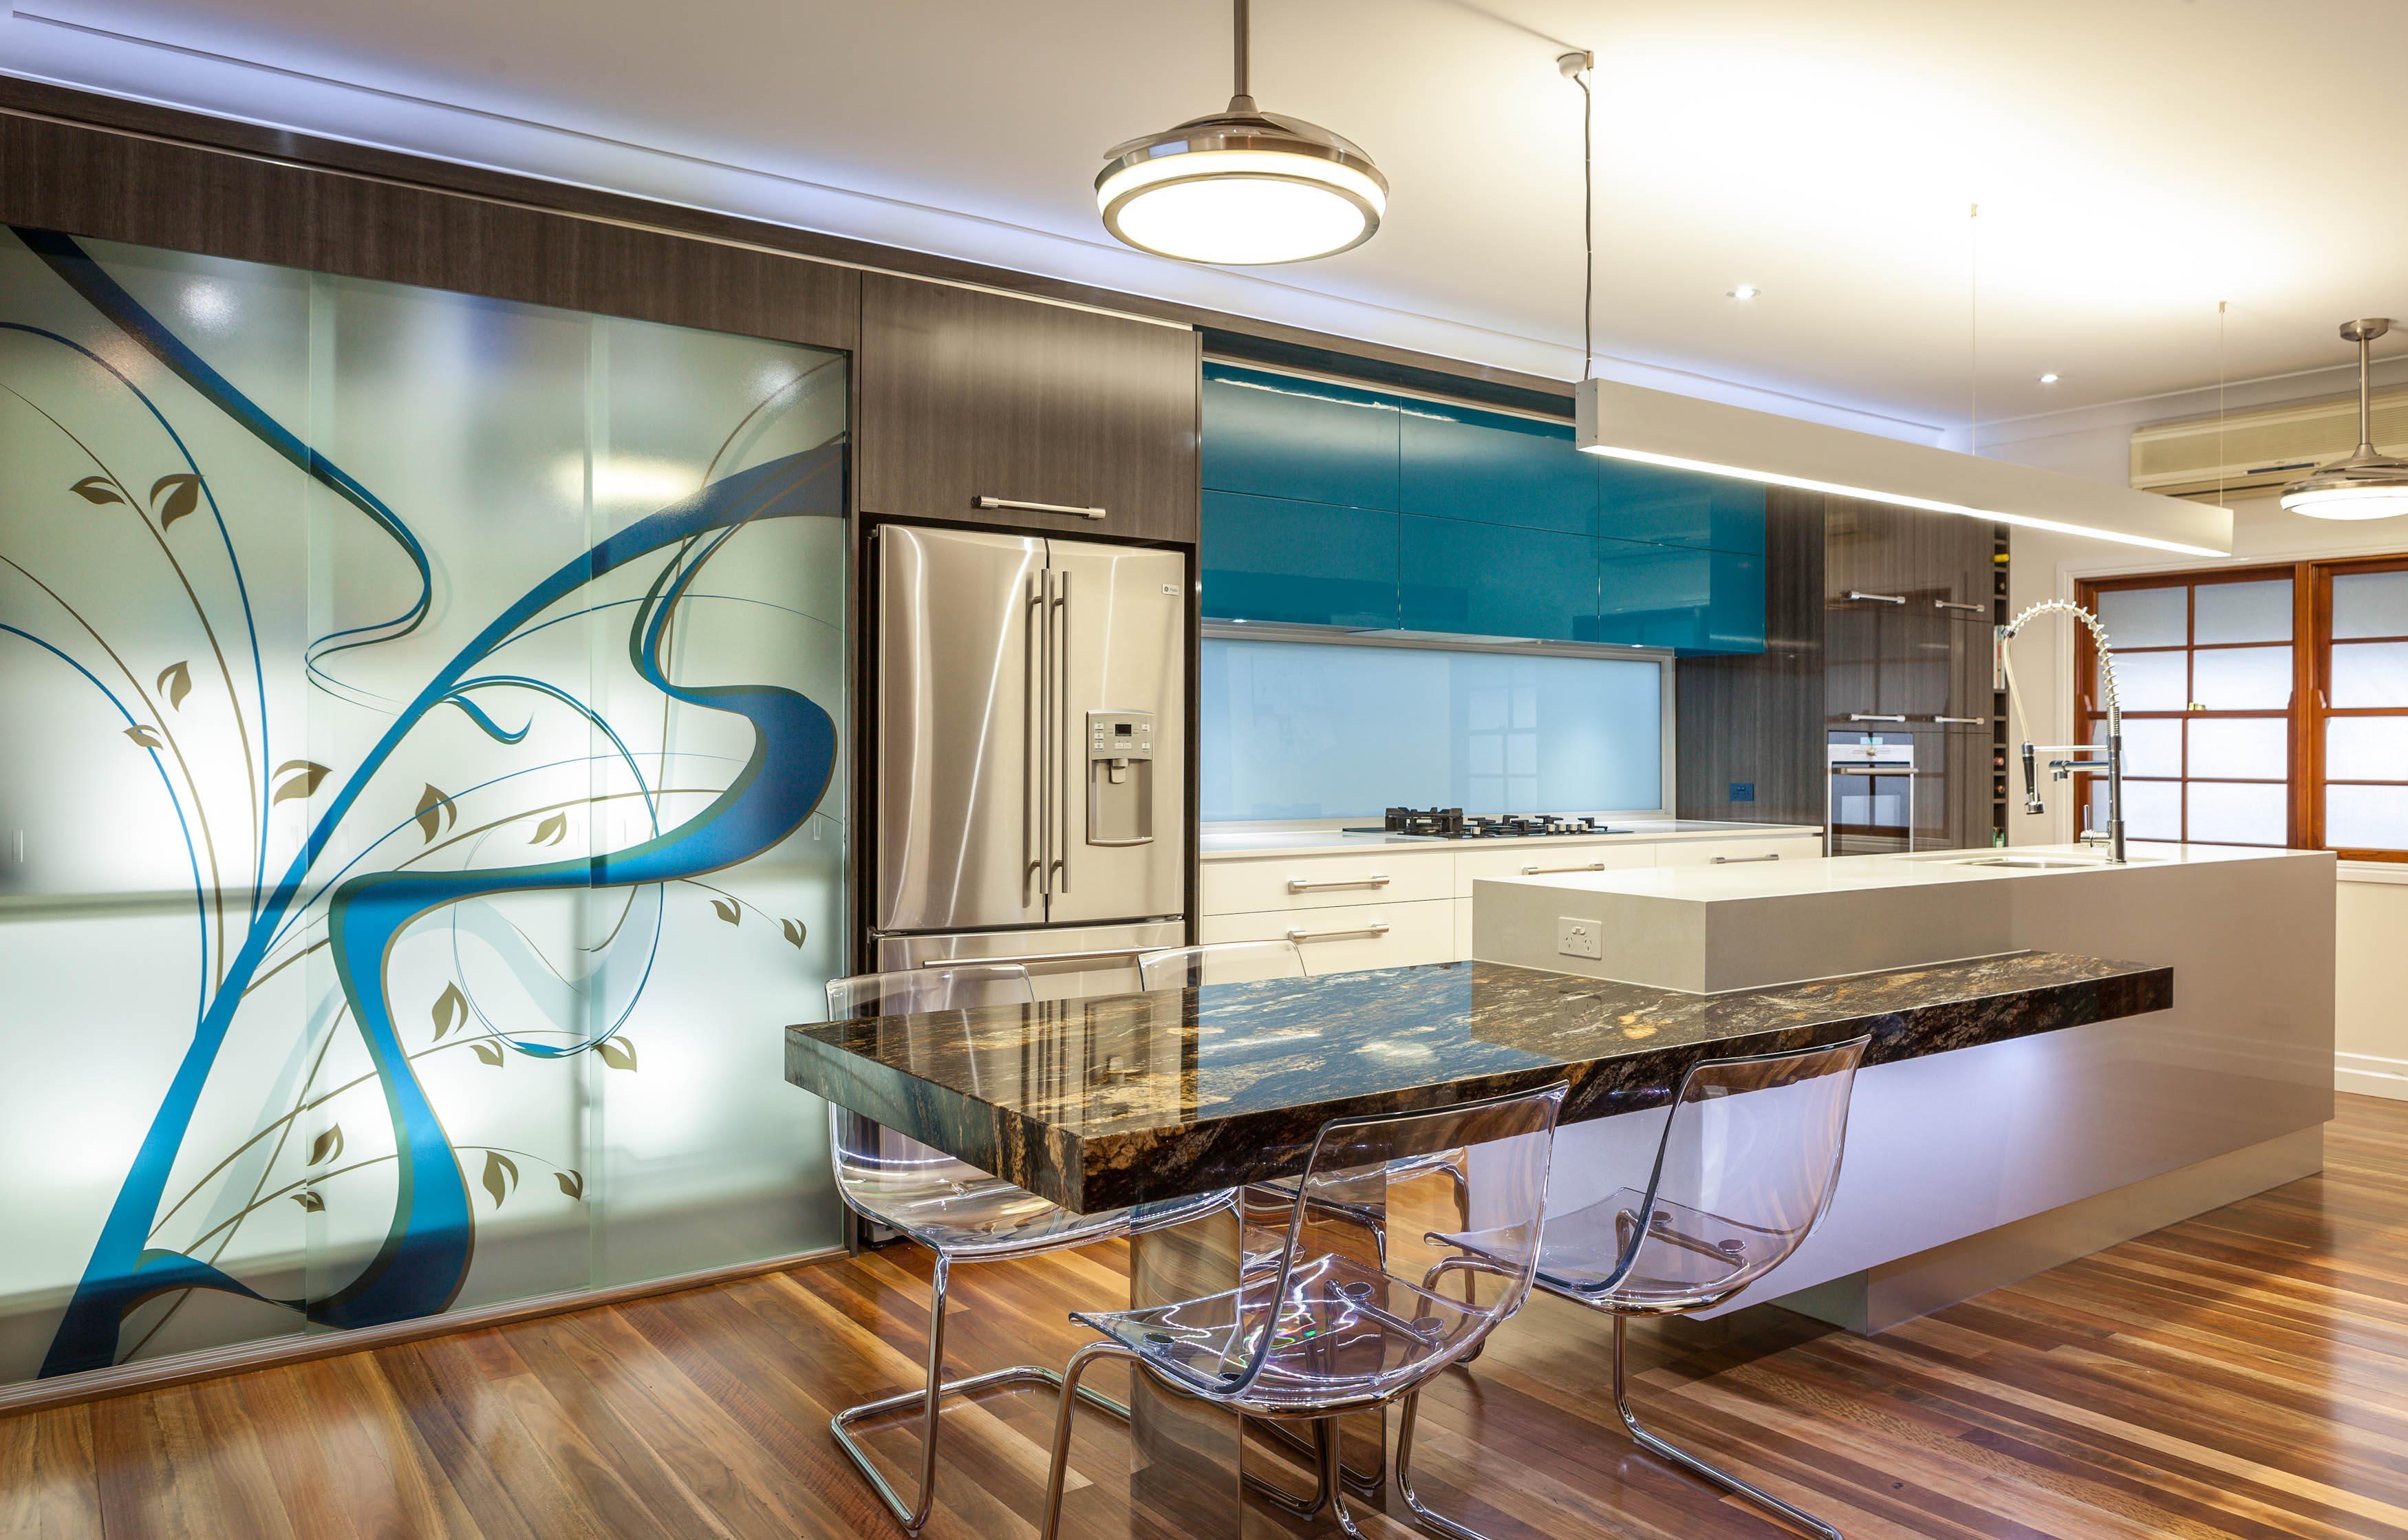 designer kitchens 2013 download designer kitchens 2013 | michigan